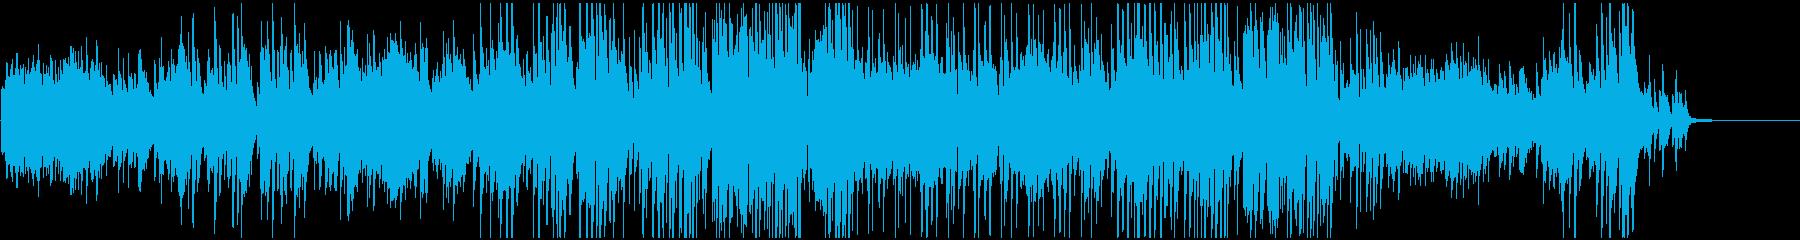 感動映像のためのジャズピアノトリオの再生済みの波形